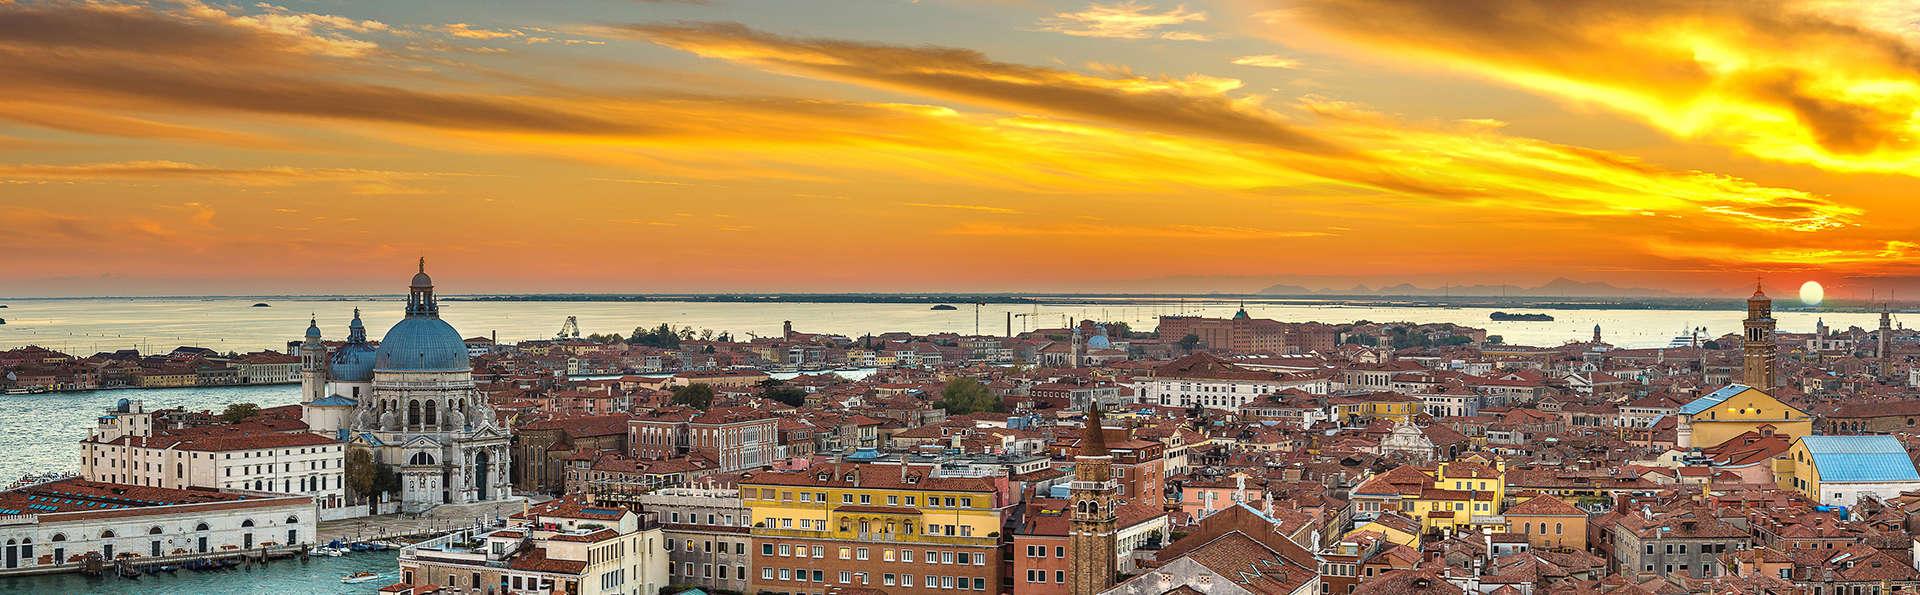 Découvrez Venise et logez vous dans un hôtel bien situé près de l'aéroport (Non remboursable)